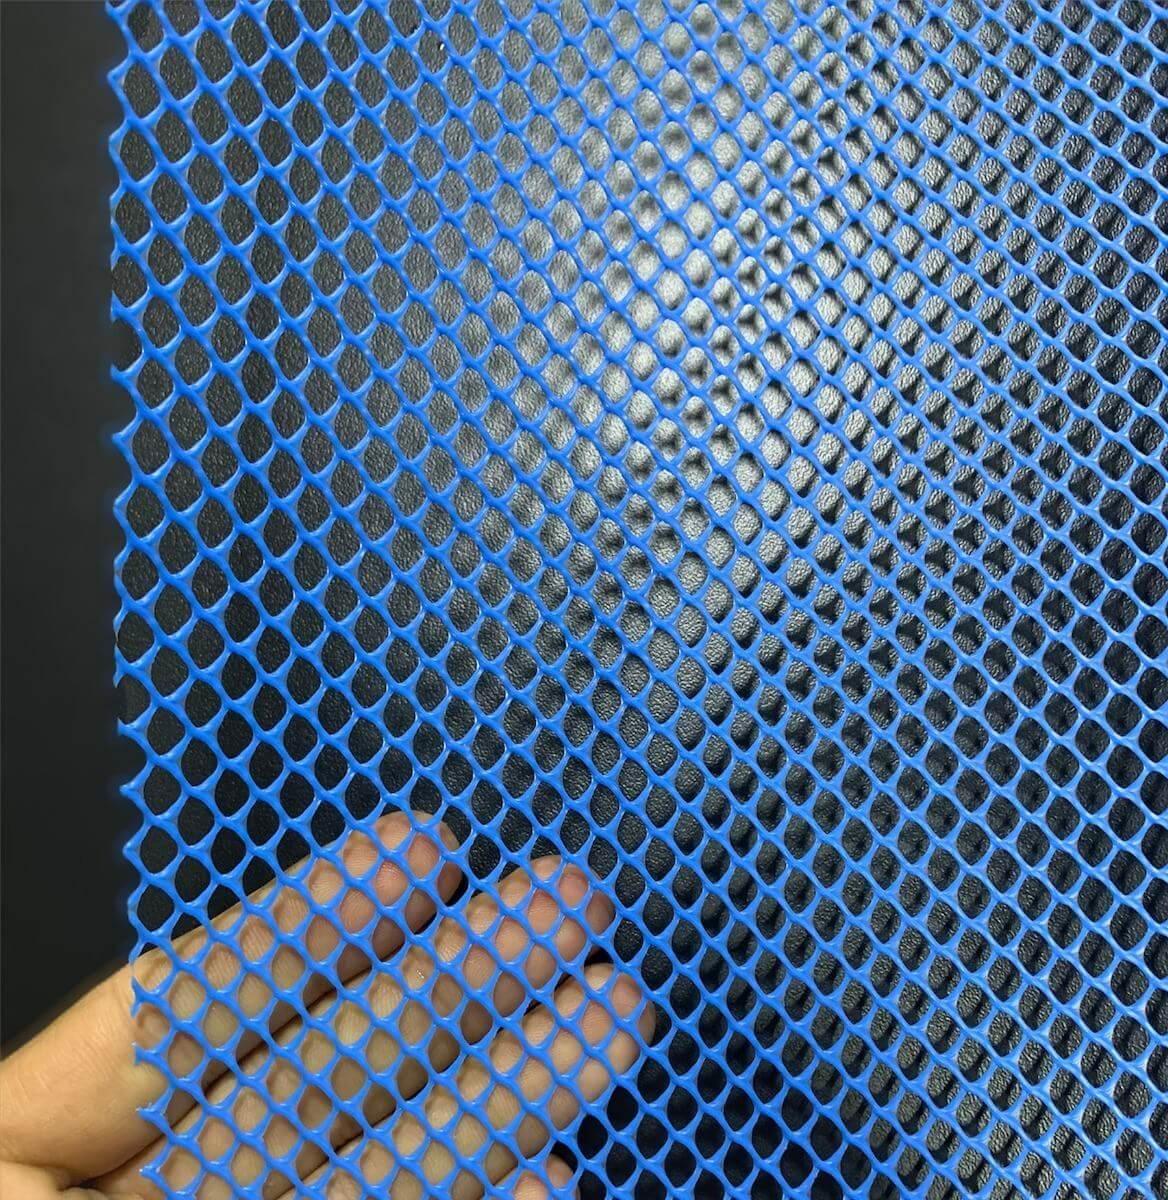 Tela Piscicultura Azul Peixe Alevino 4 Mm Pead 1 X 40 Metros